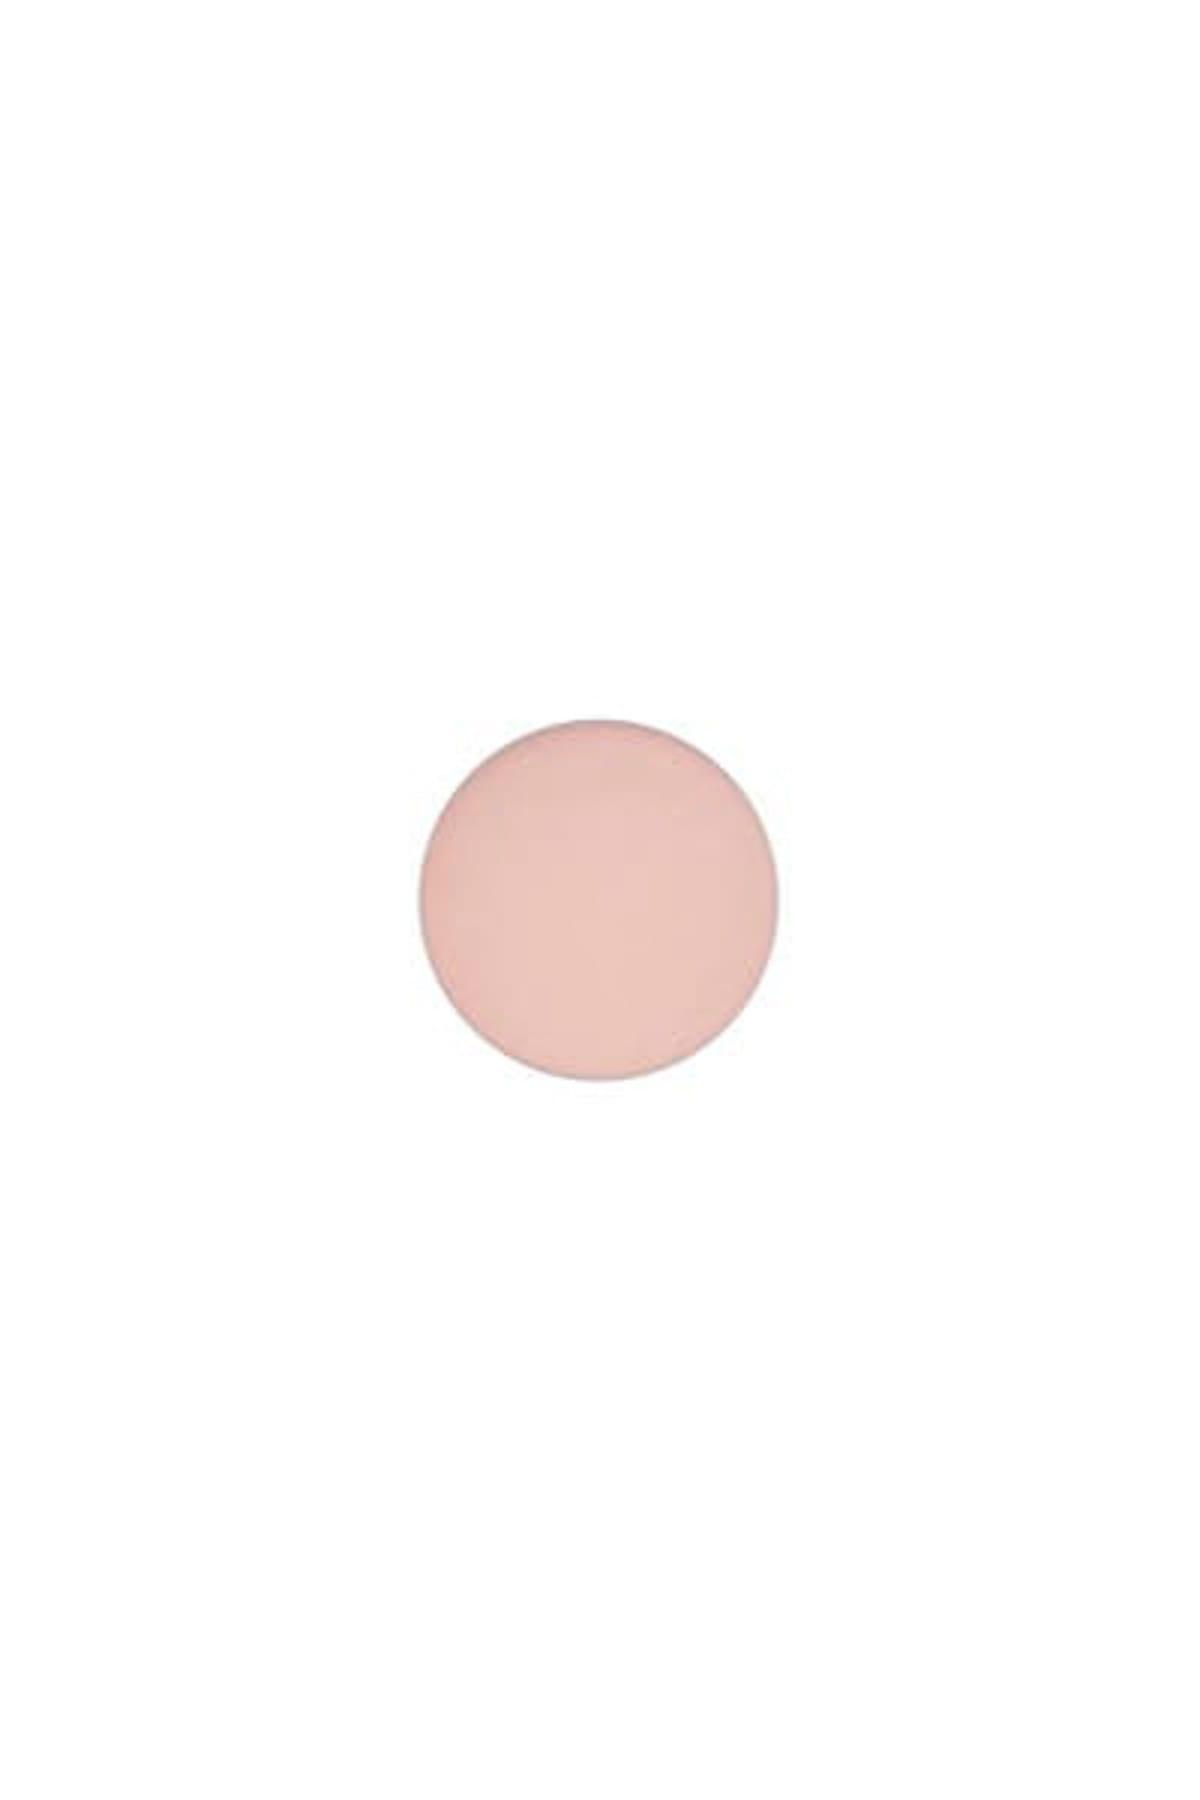 M.A.C Göz Farı - Refill Far Malt 1.5 g 773602963607 1